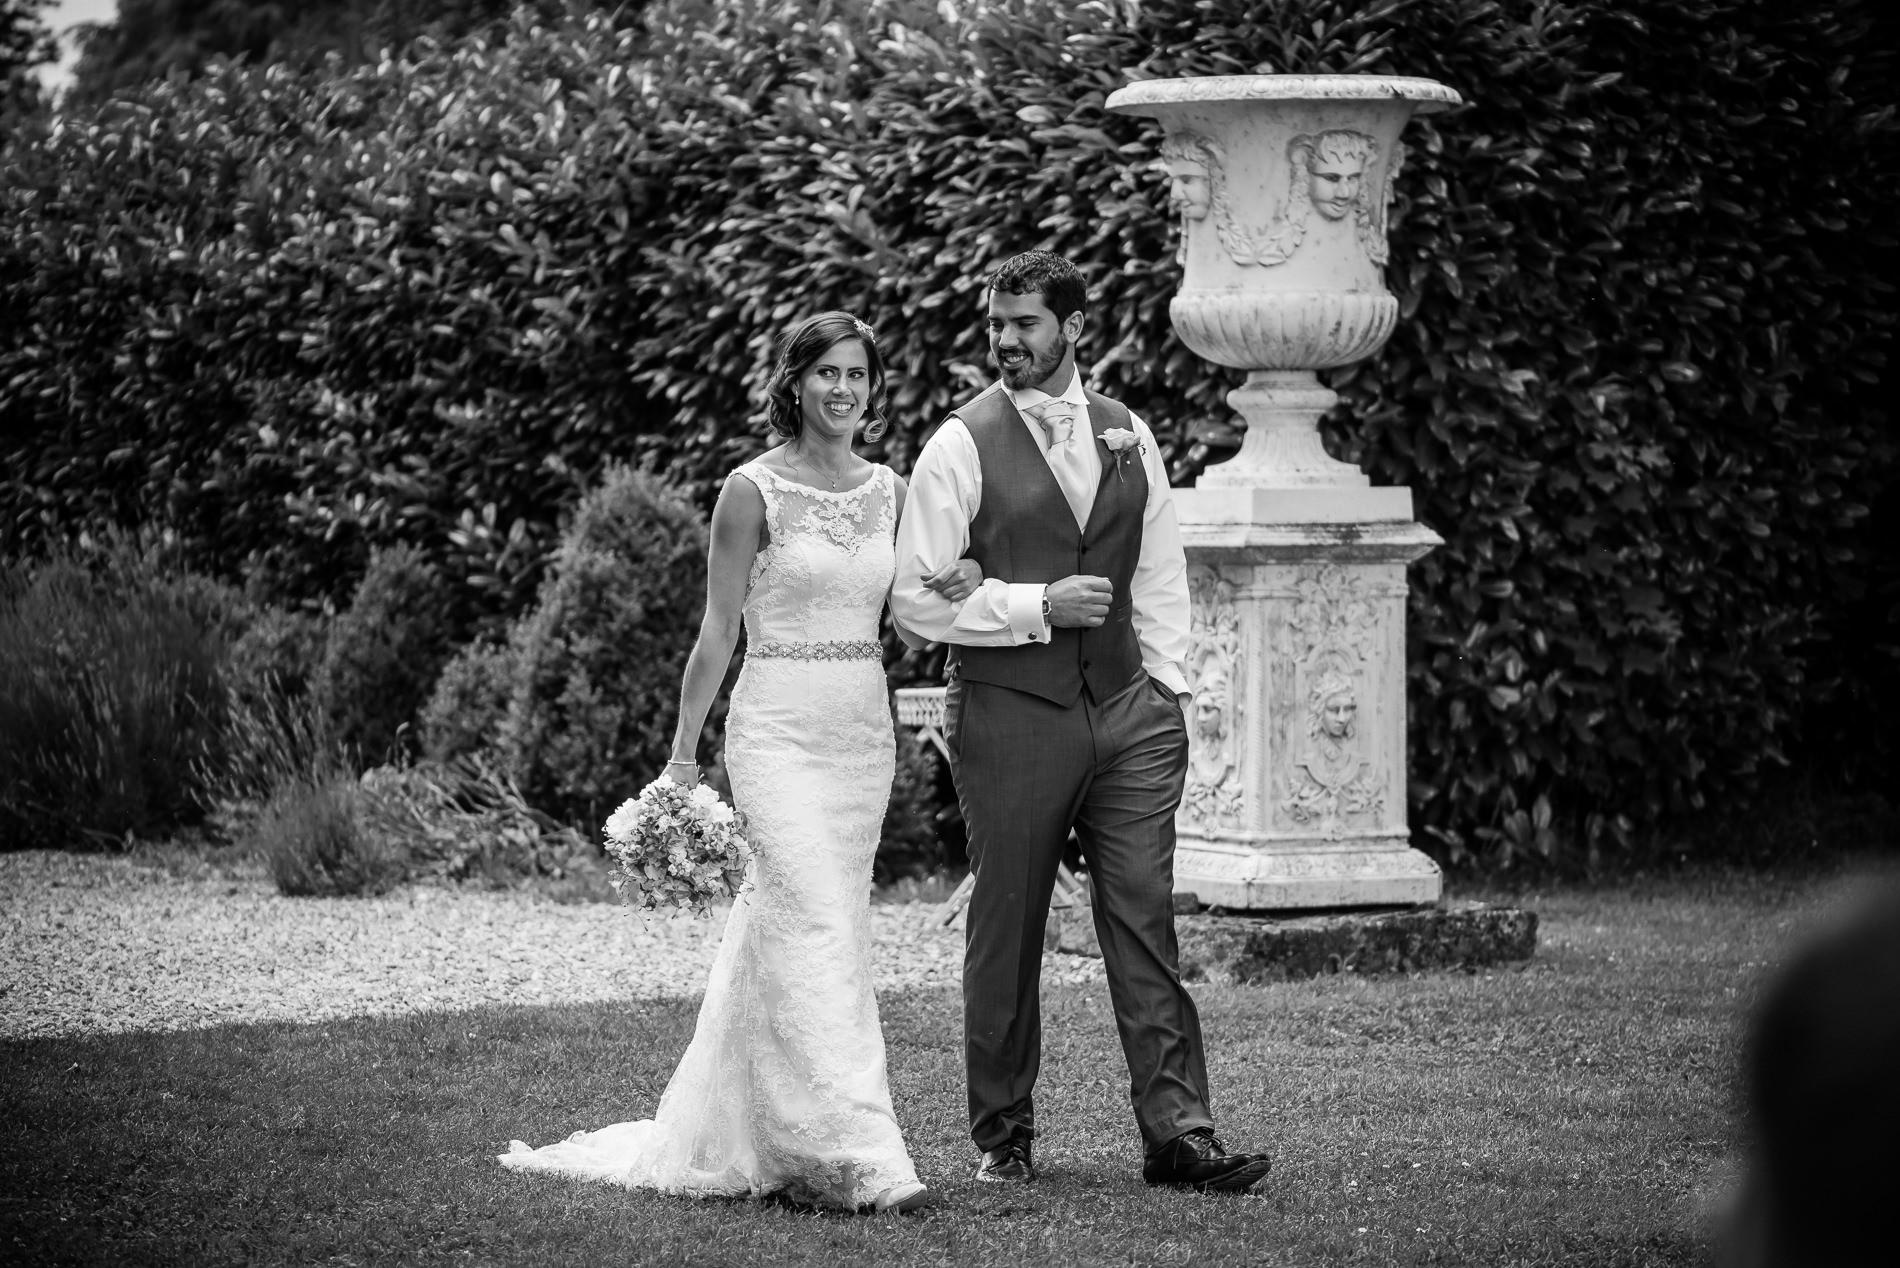 wedding chateau la durantie french castle-22